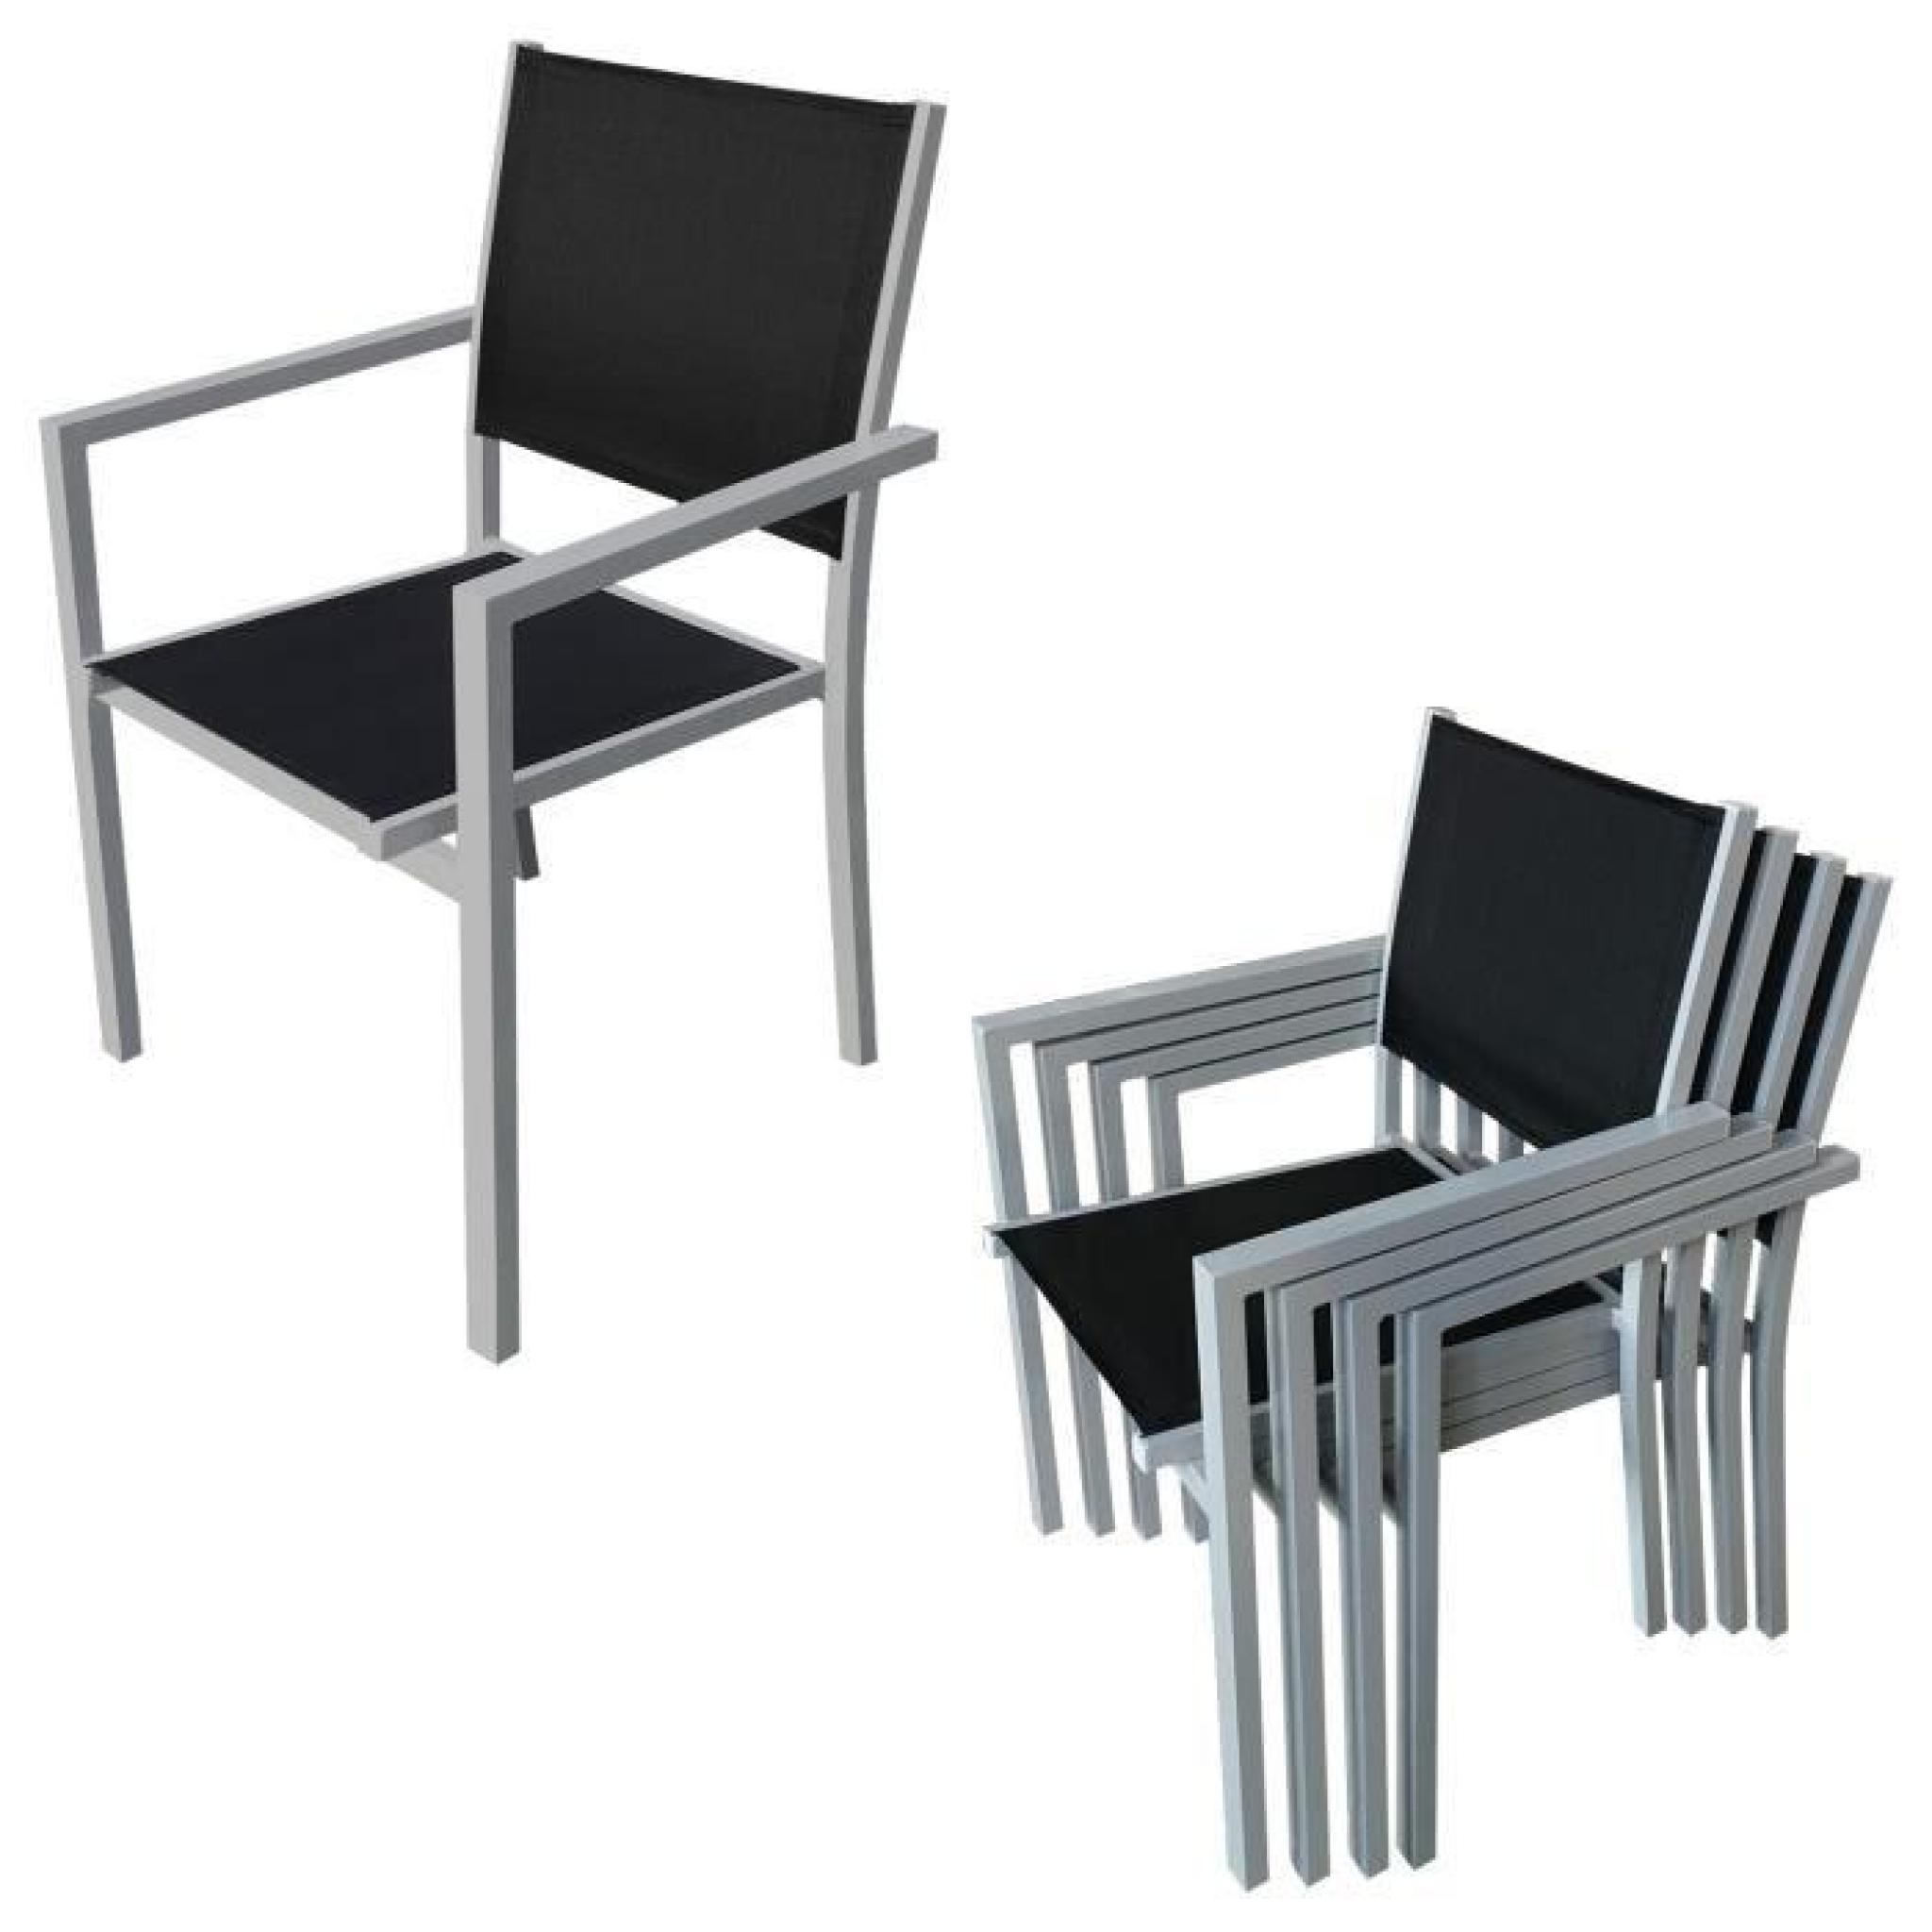 Salon de jardin BARI en textilène noir 8 places - aluminium gris ...